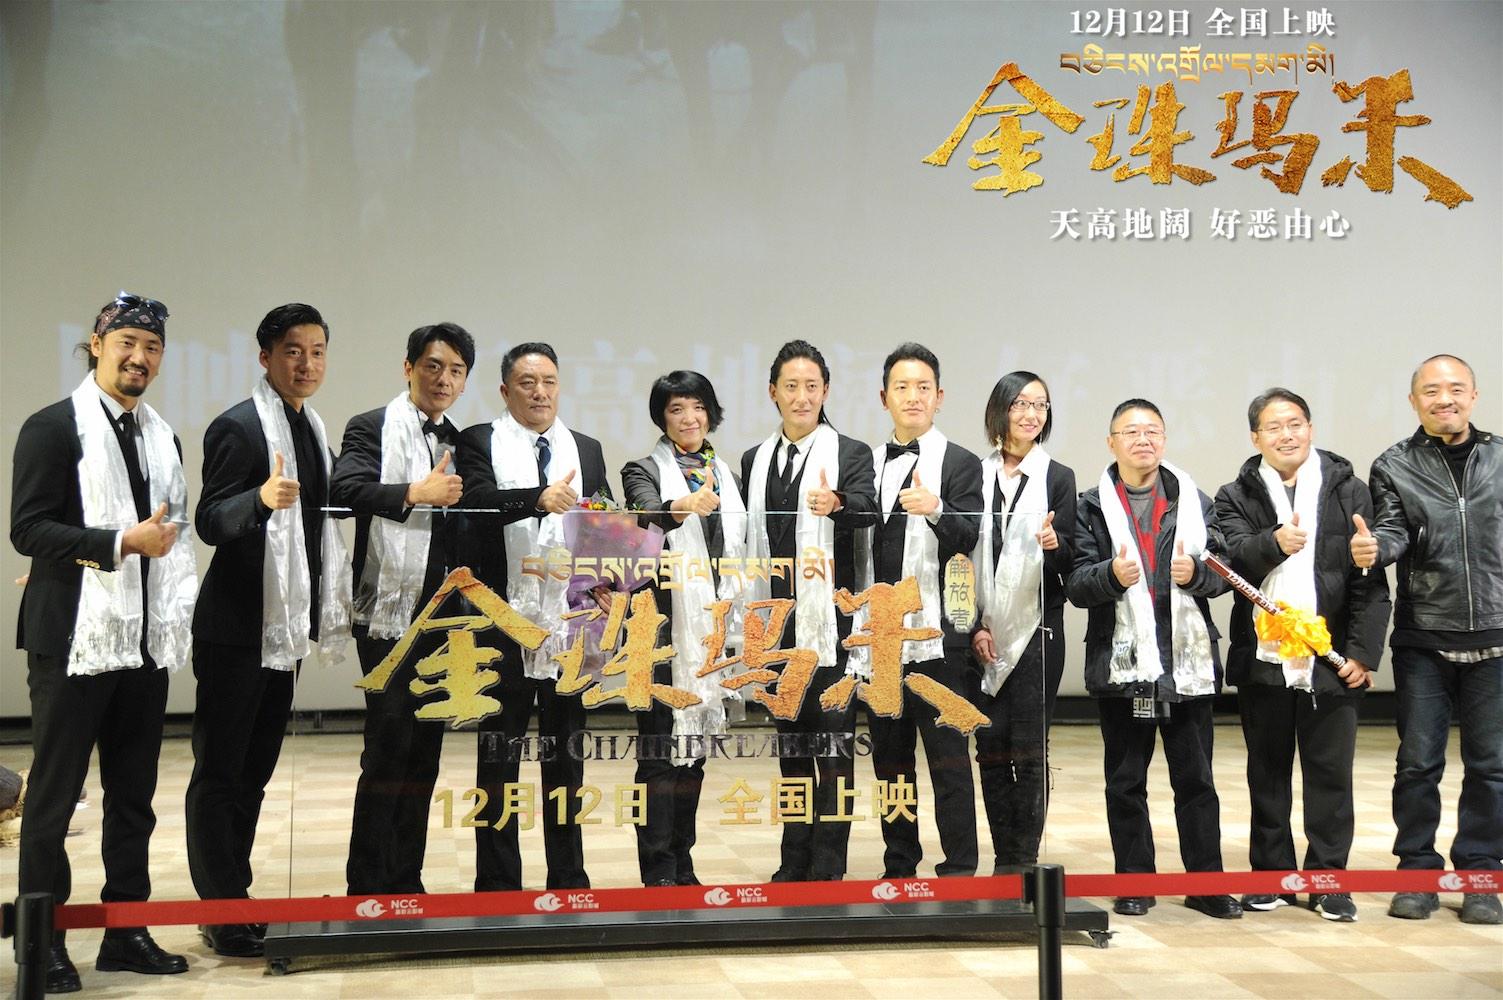 《金珠玛米》北京首映礼不惧《芳华》双十二怒放